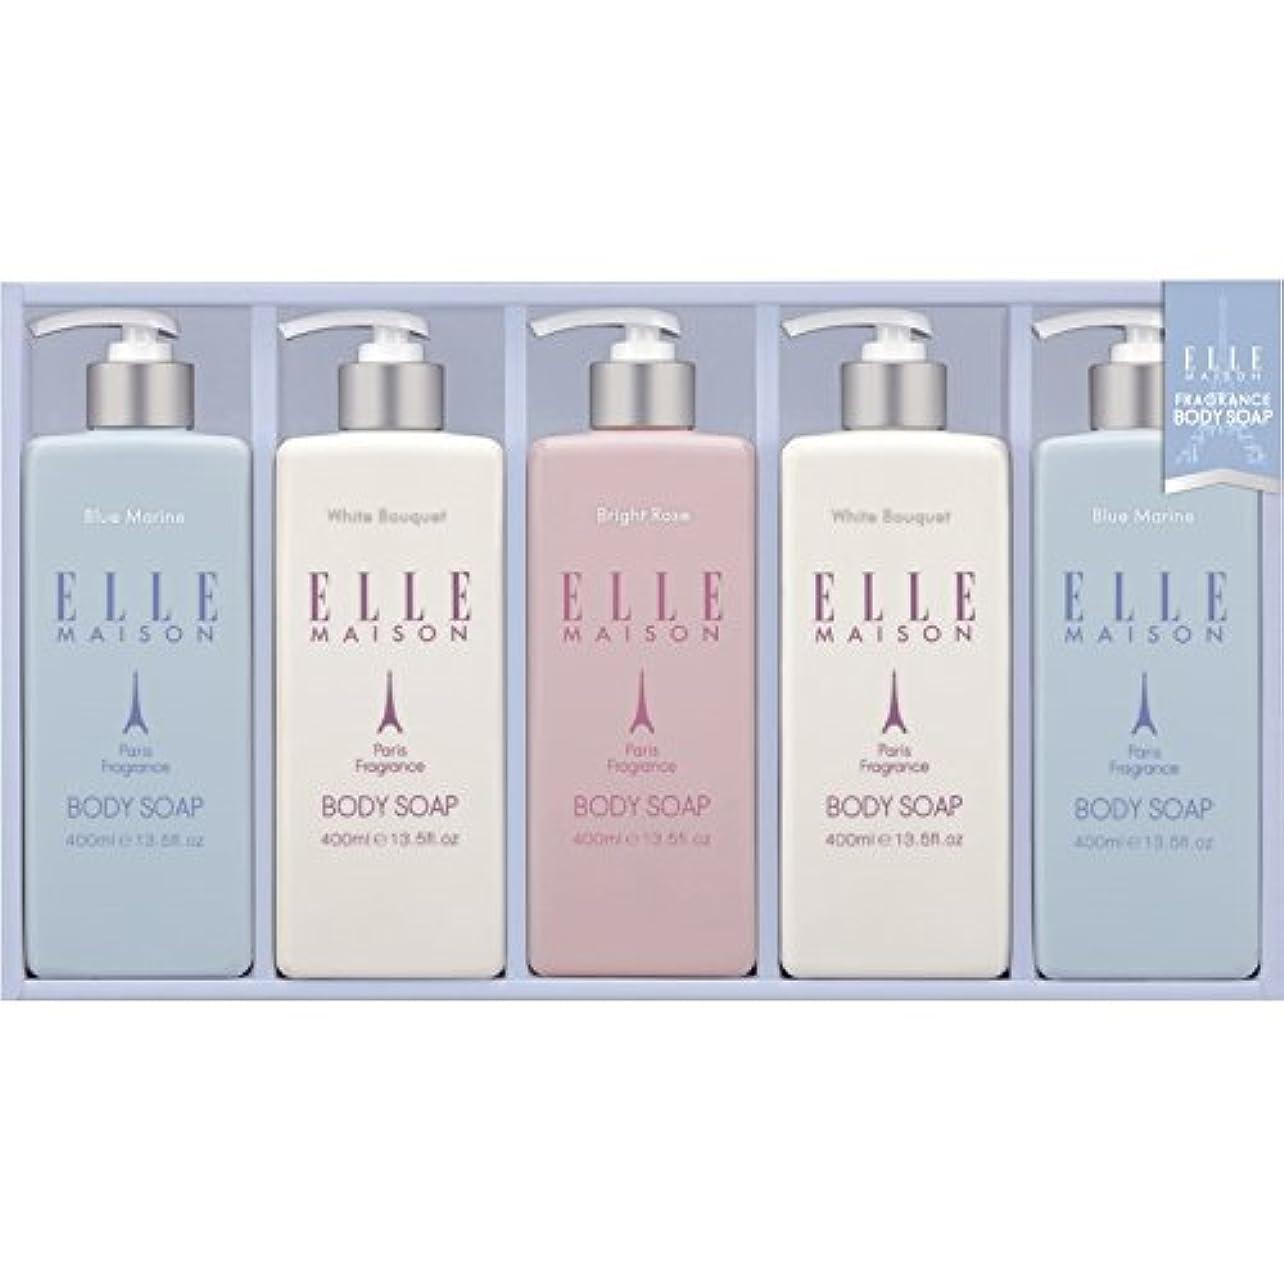 ELLE MAISON ボディソープギフト EBS-25 【保湿 いい匂い うるおい 液体 しっとり 良い香り やさしい 女性 贅沢 全身 美肌 詰め合わせ お風呂 バスタイム 洗う 美容】